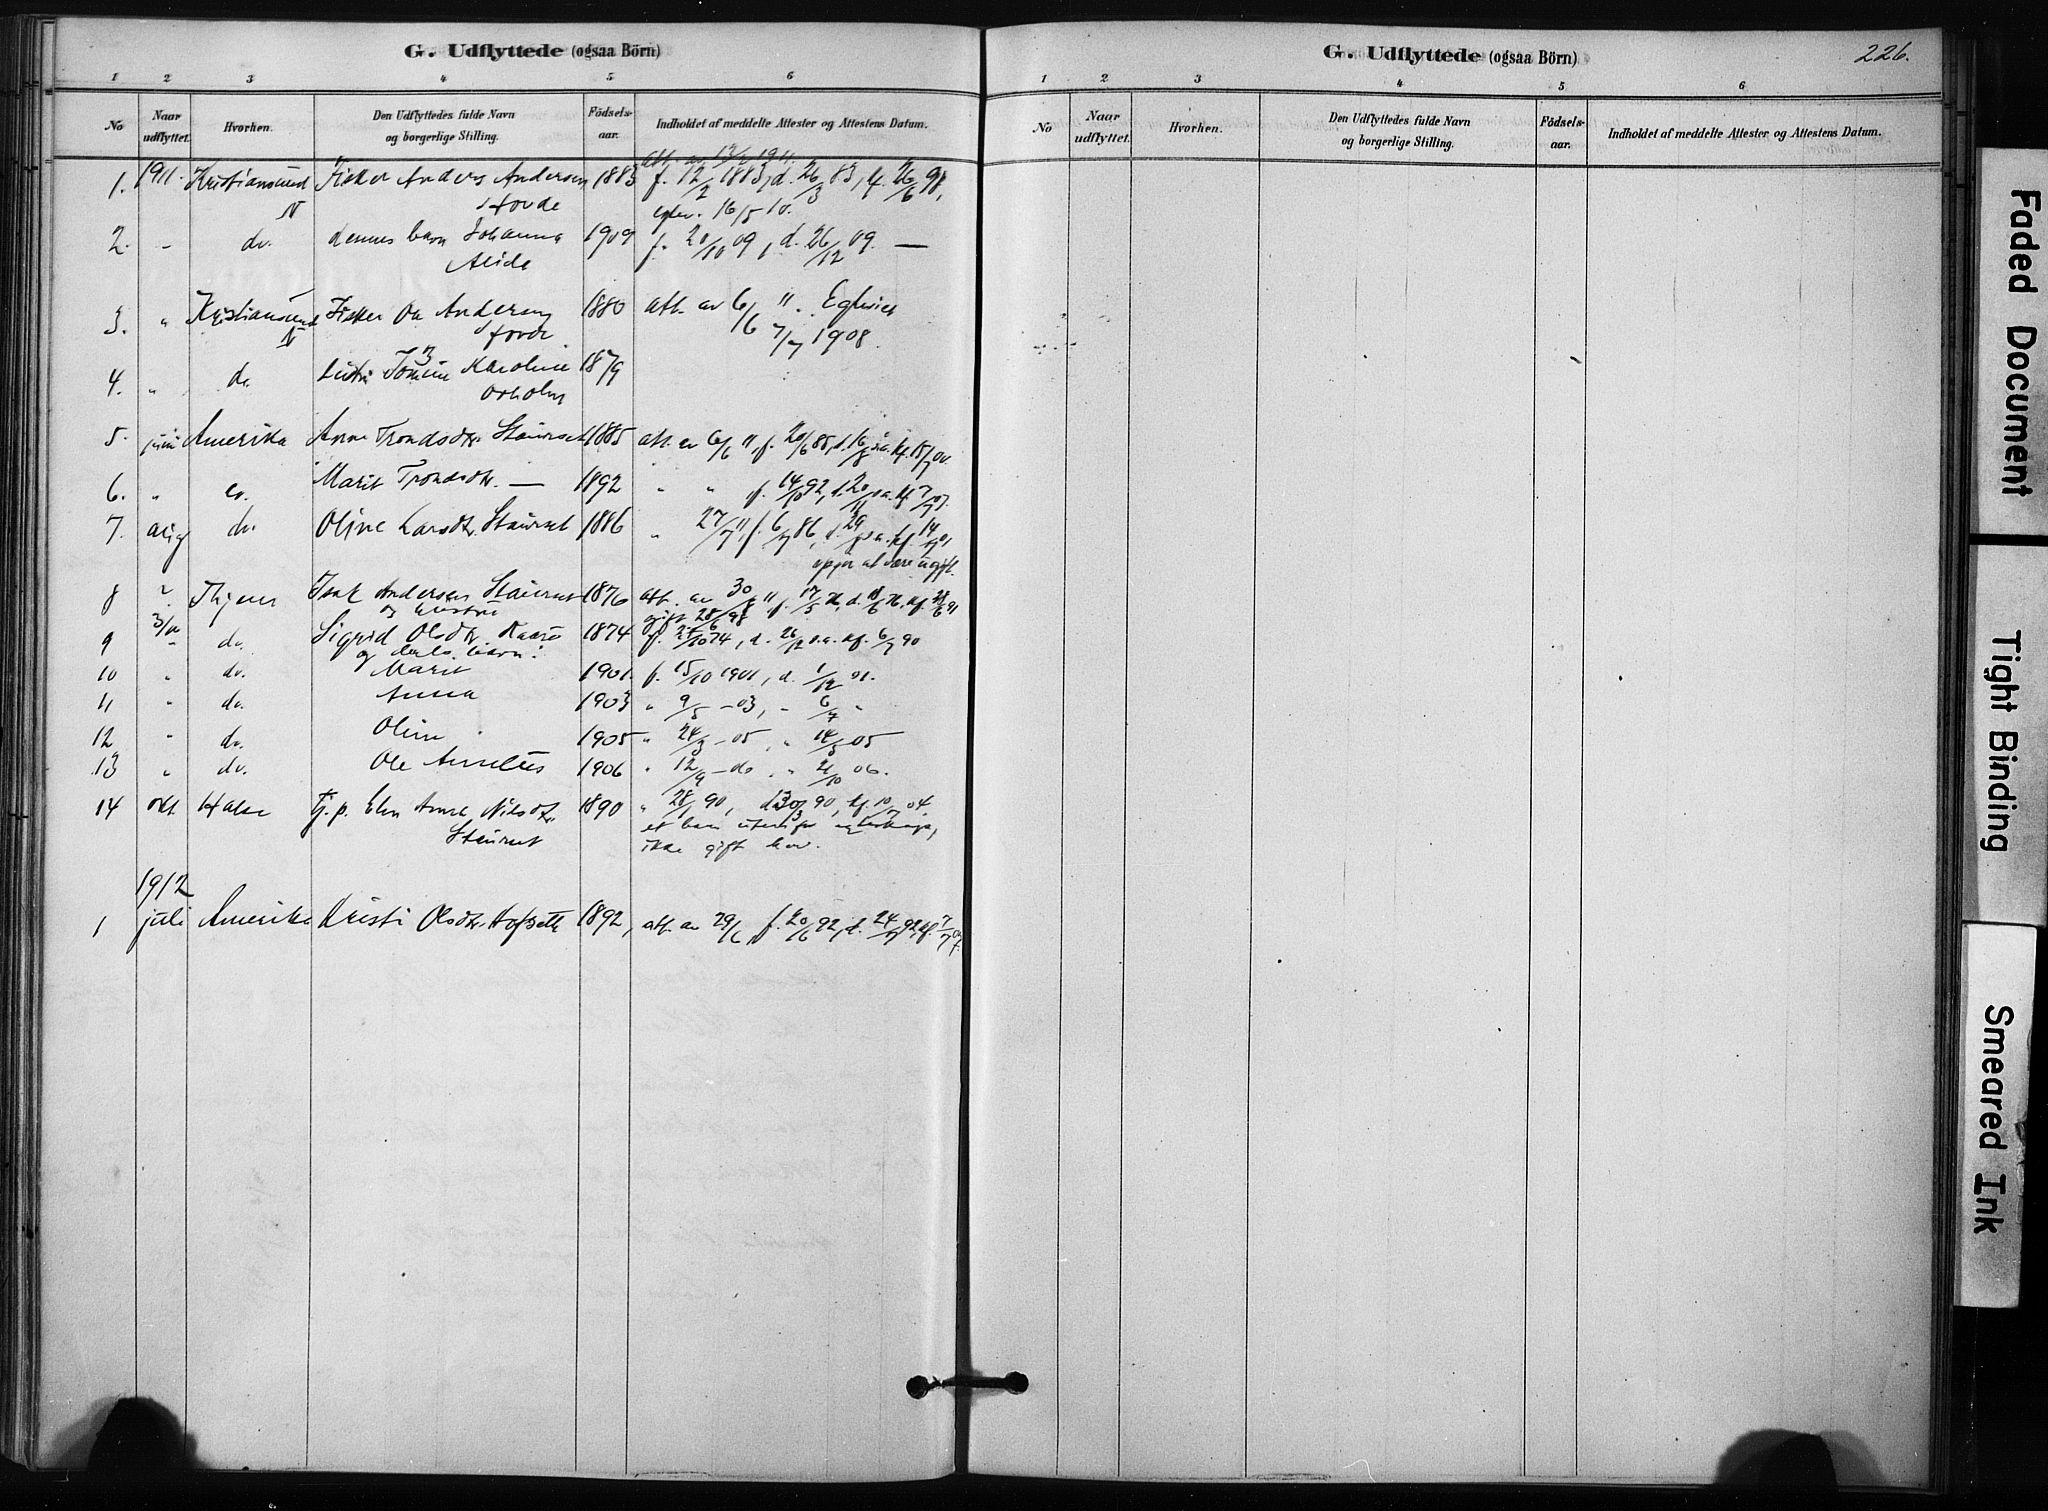 SAT, Ministerialprotokoller, klokkerbøker og fødselsregistre - Sør-Trøndelag, 631/L0512: Ministerialbok nr. 631A01, 1879-1912, s. 226